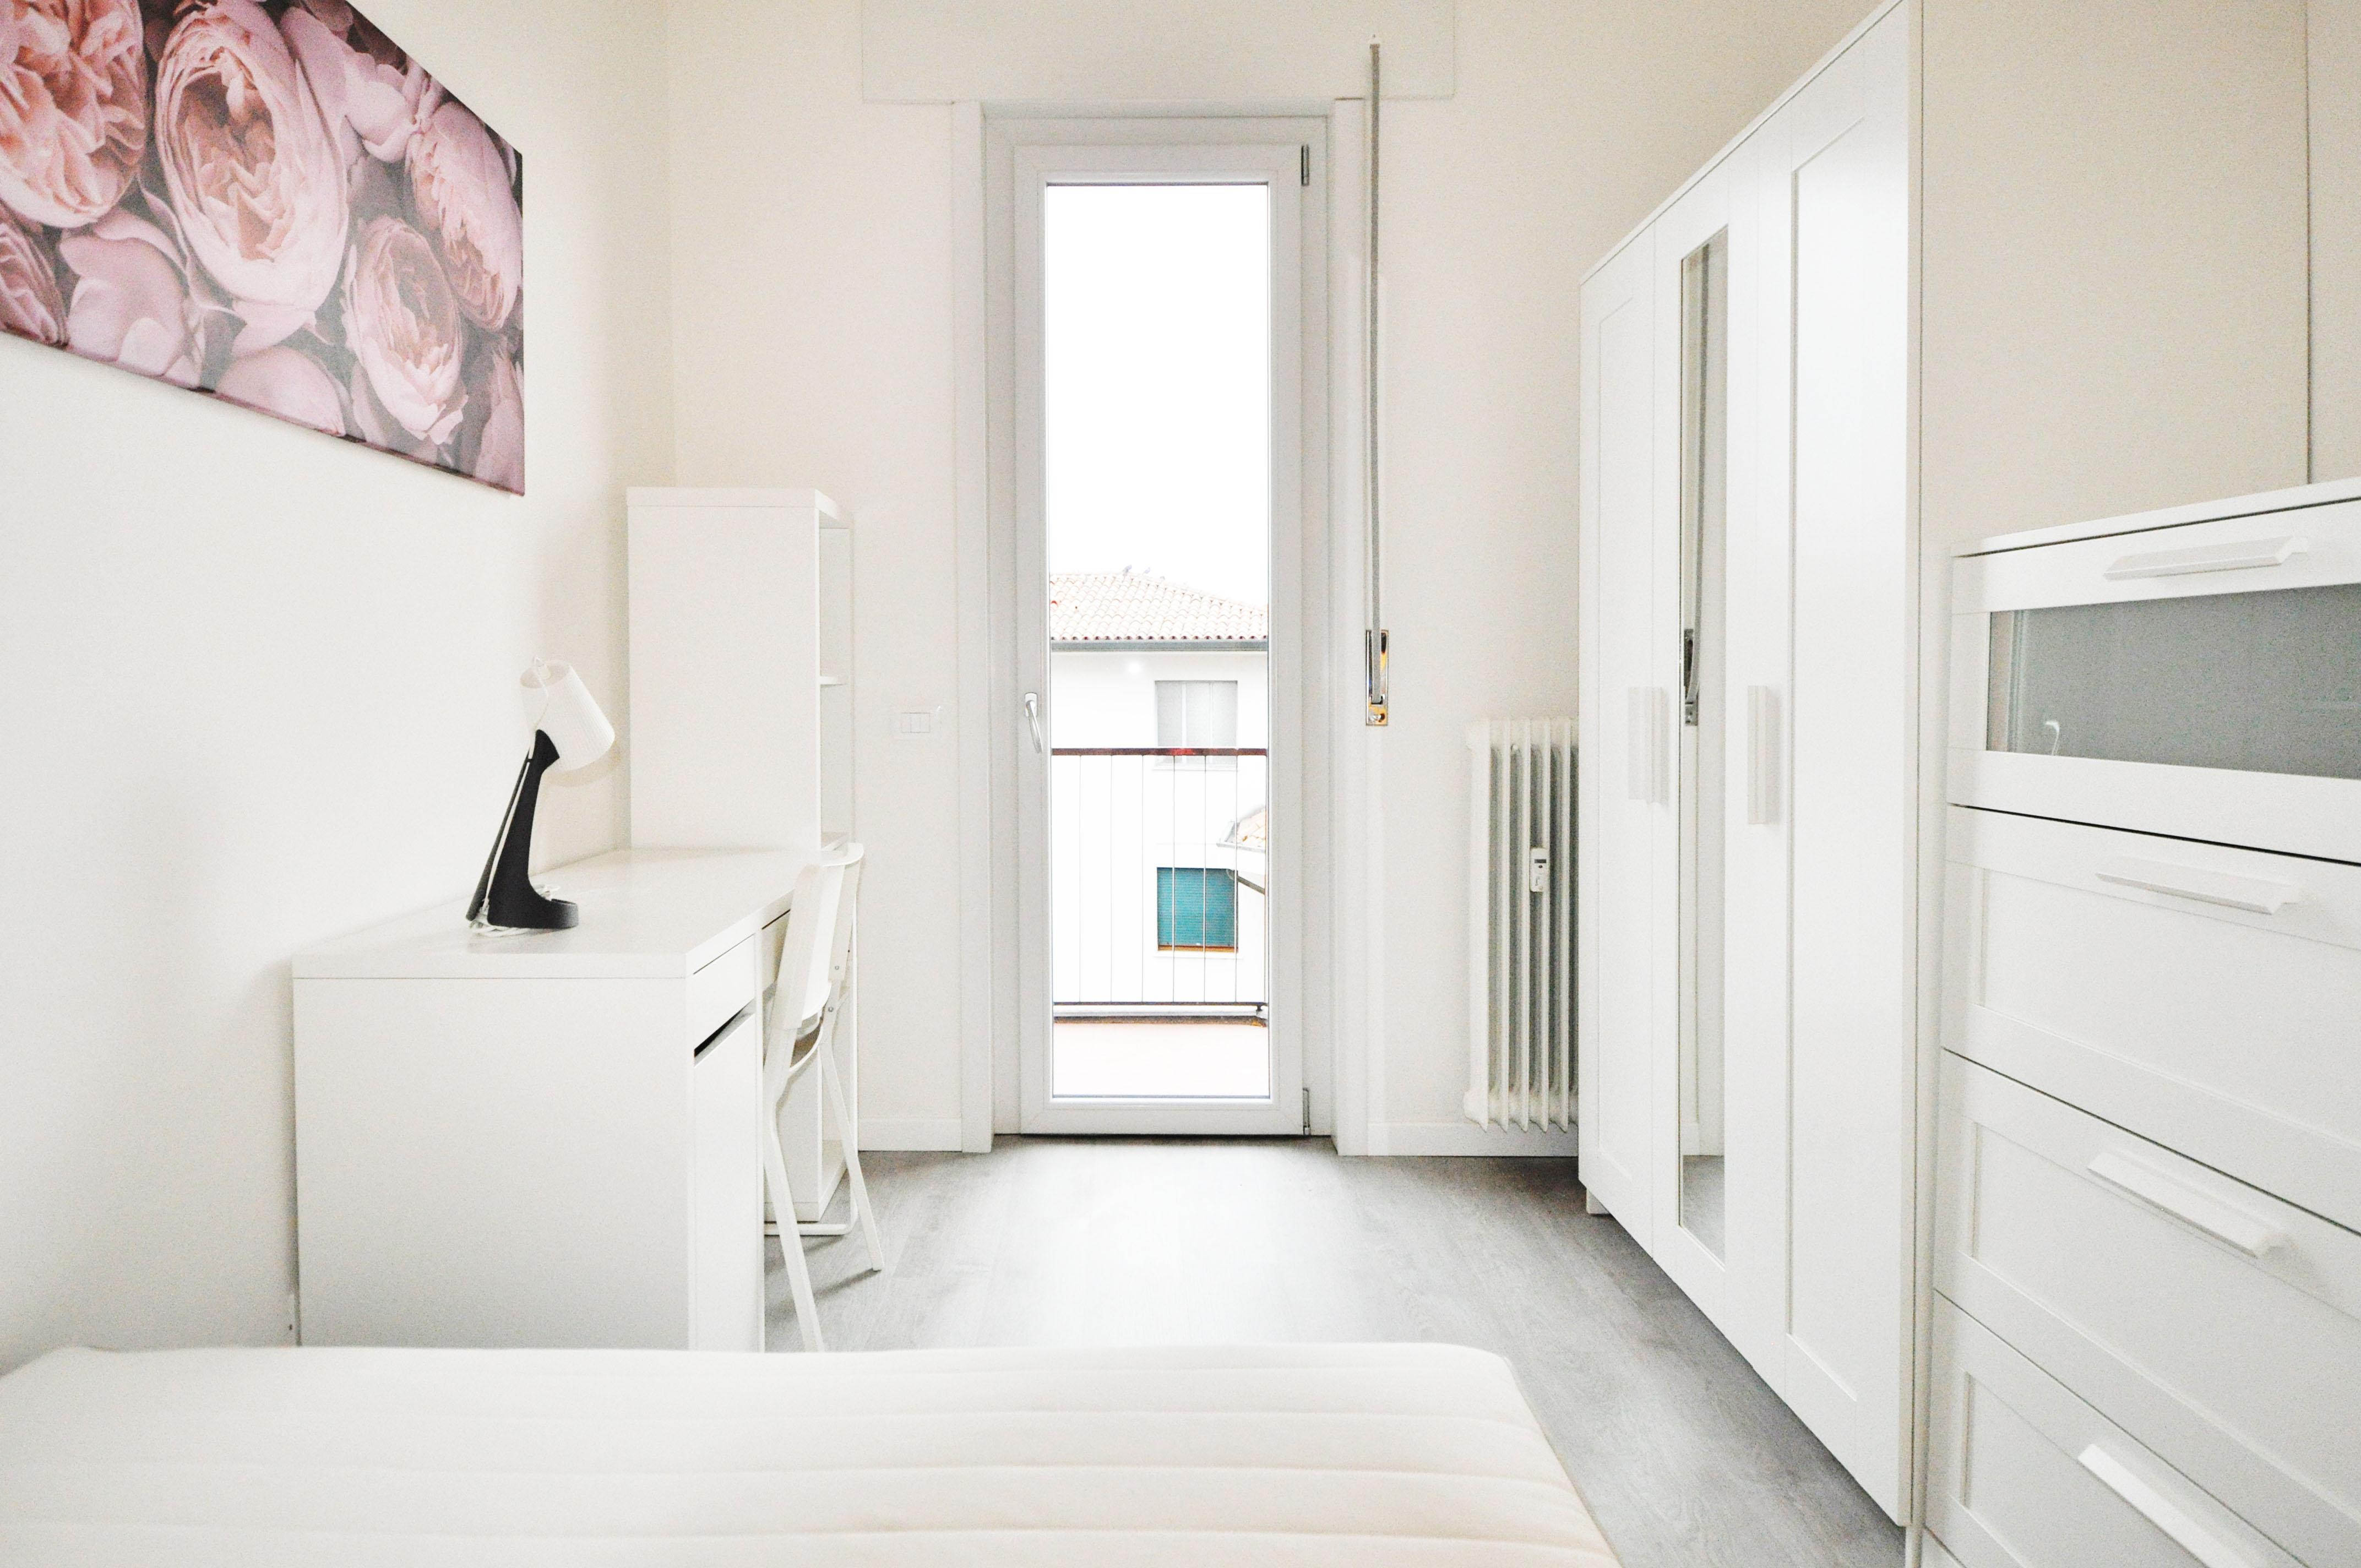 Camere in affitto-Treviso-Ospedale-Stazione-Studio-Architettura-Zanatta bertolini_02